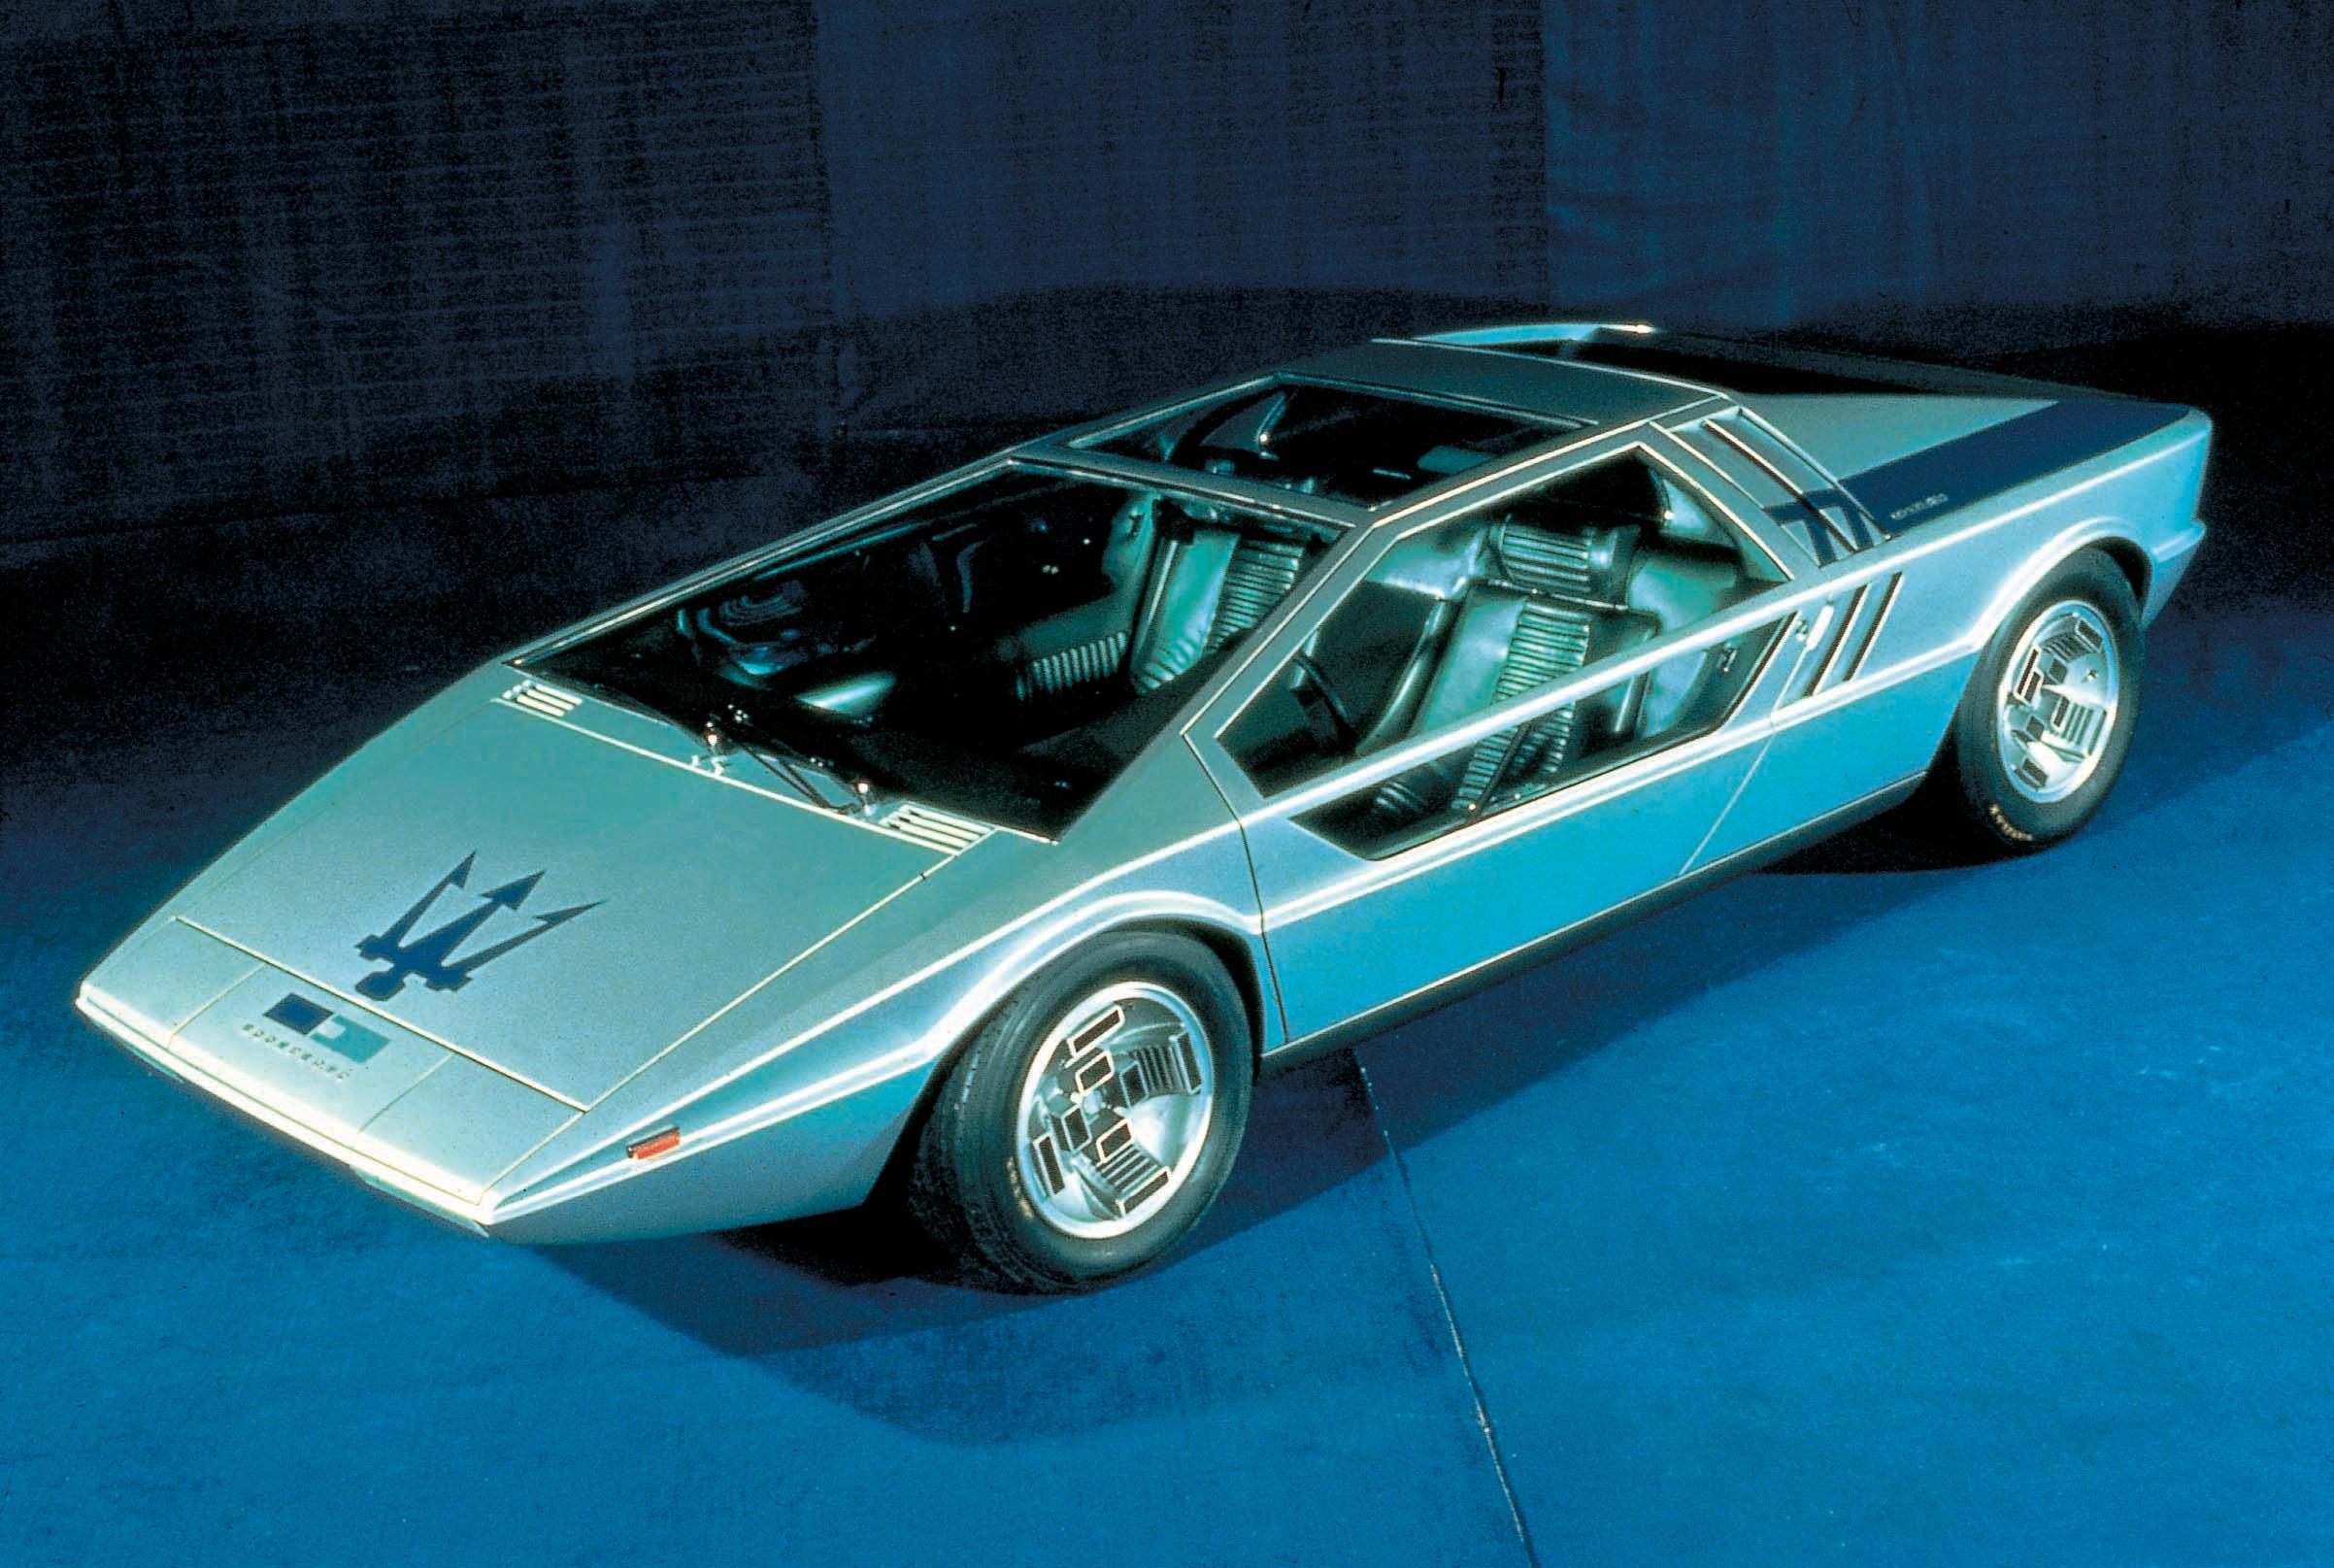 ... と いすゞピアッツァ:1972 - Maserati Boomerang